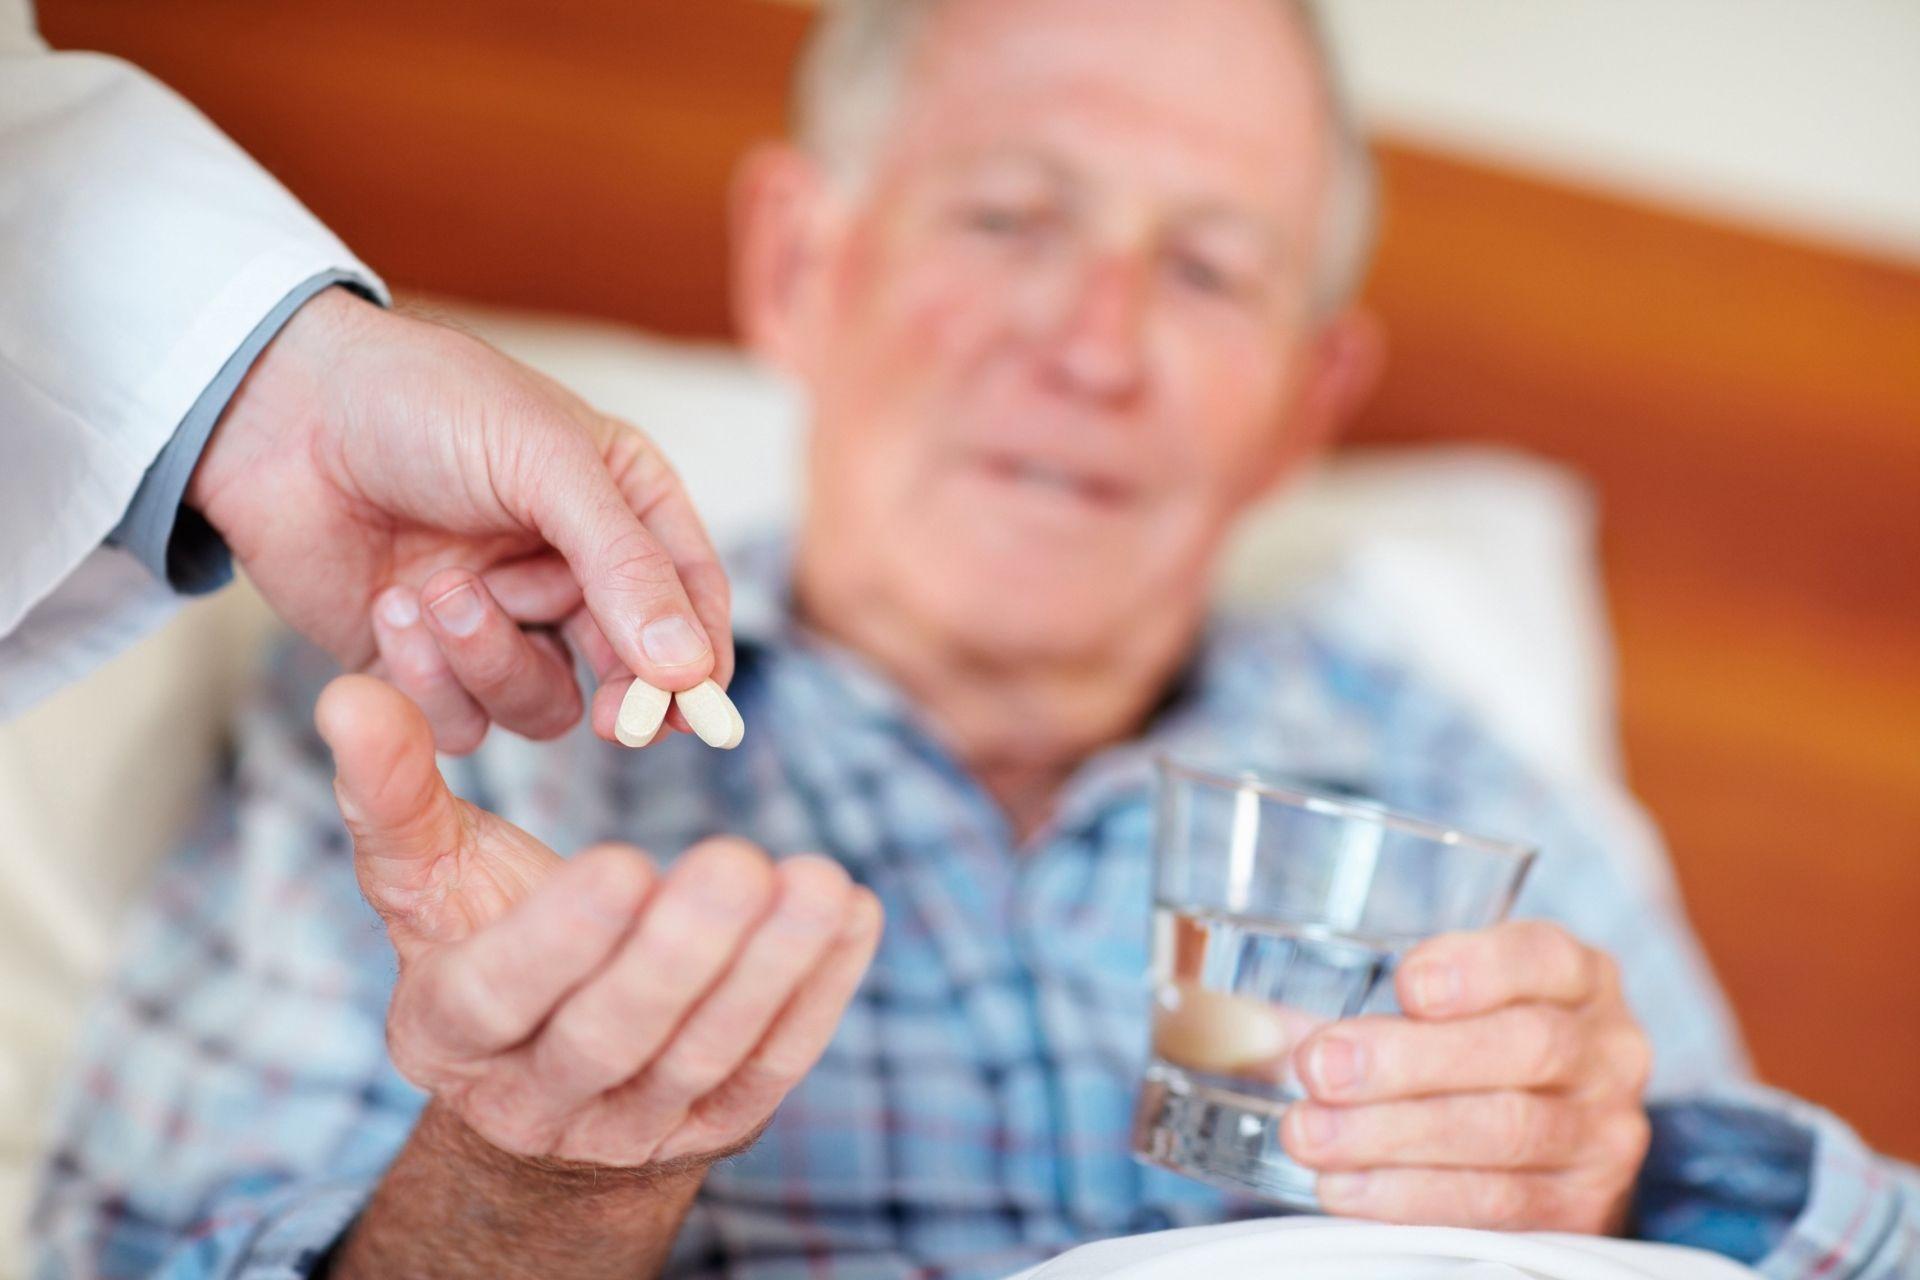 Врачам рекомендуют учитывать «экономическую доступность лечения» при назначении лекарств пожилым